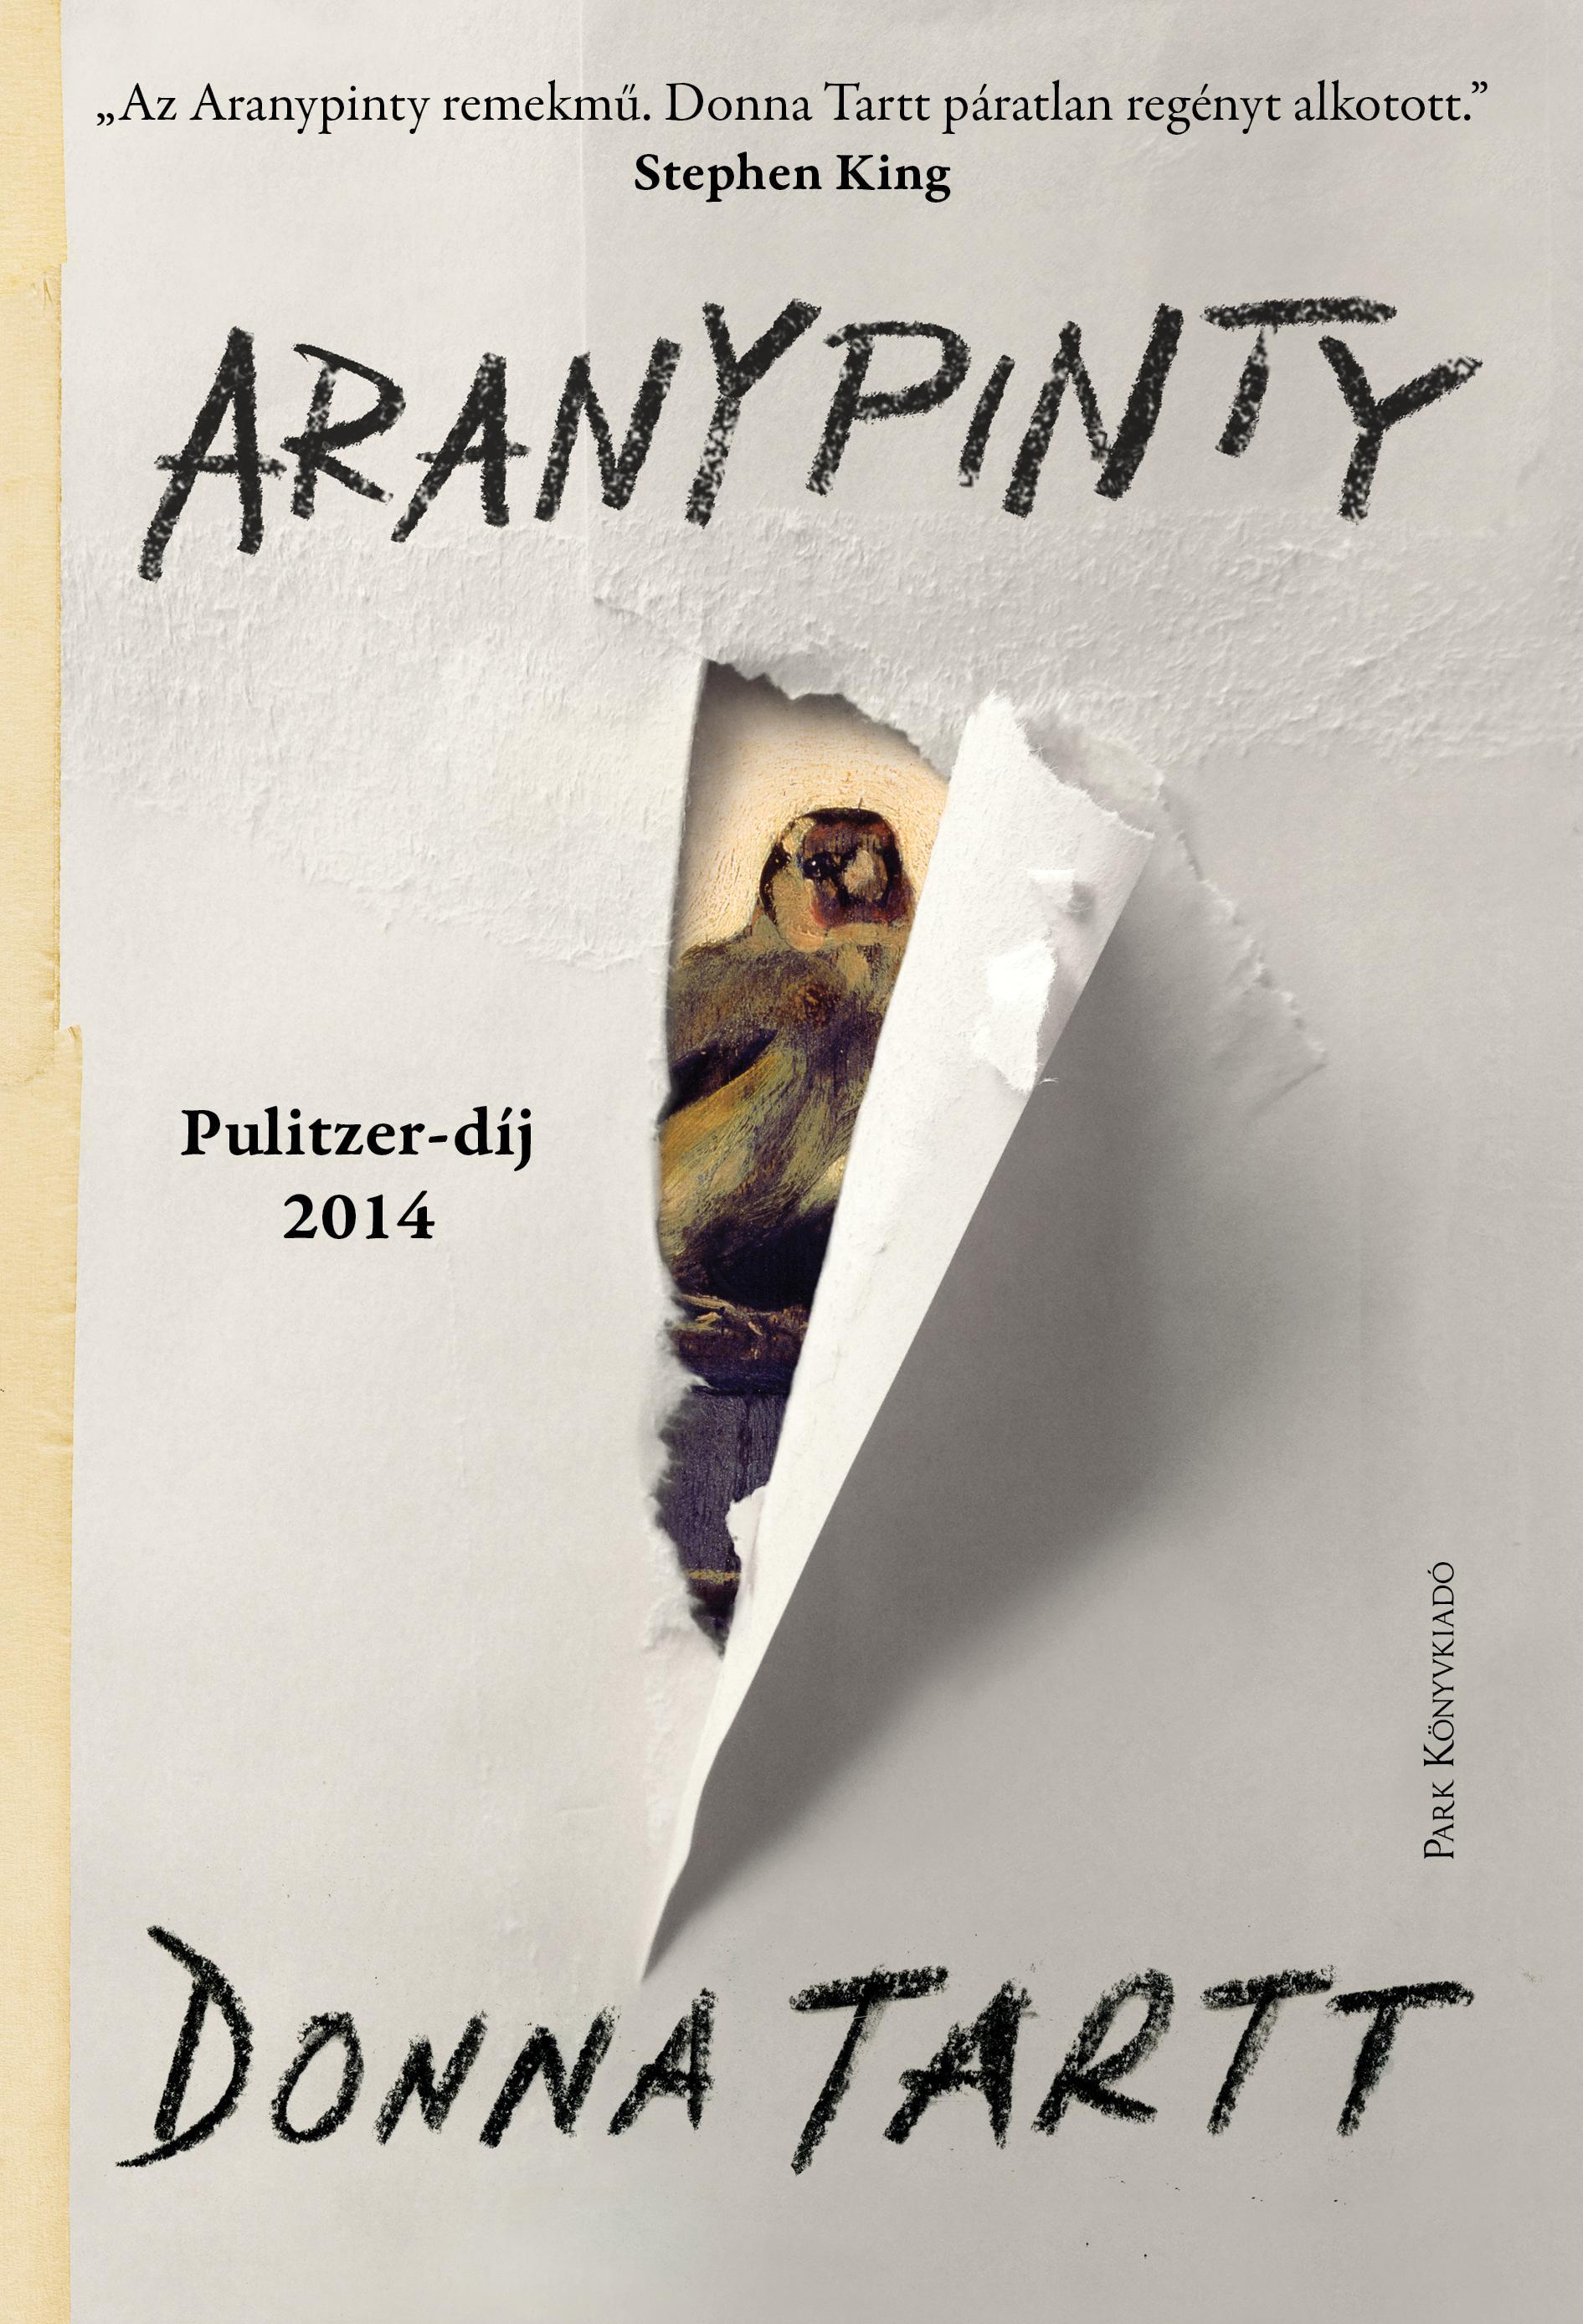 AZ ARANYPINTY